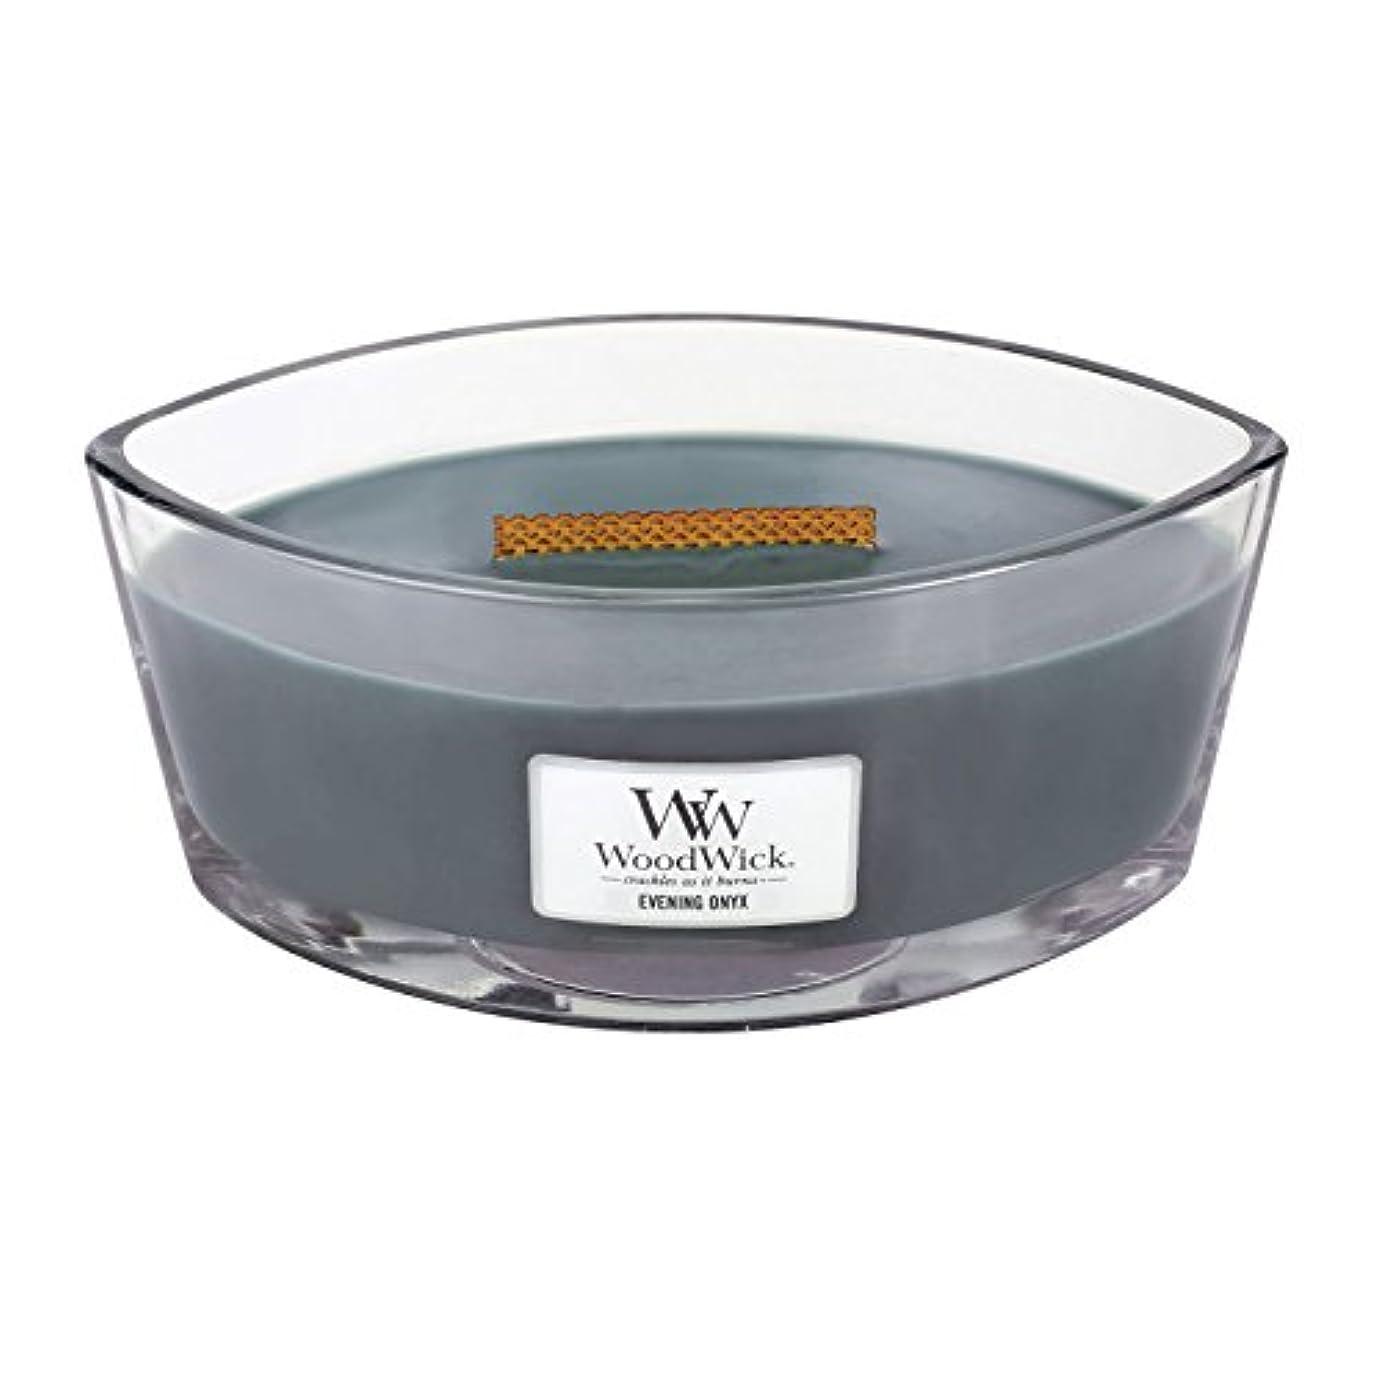 事従事するスポークスマンWoodWick EVENING ONYX, Highly Scented Candle, Ellipse Glass Jar with Original HearthWick Flame, Large 18cm, 470ml